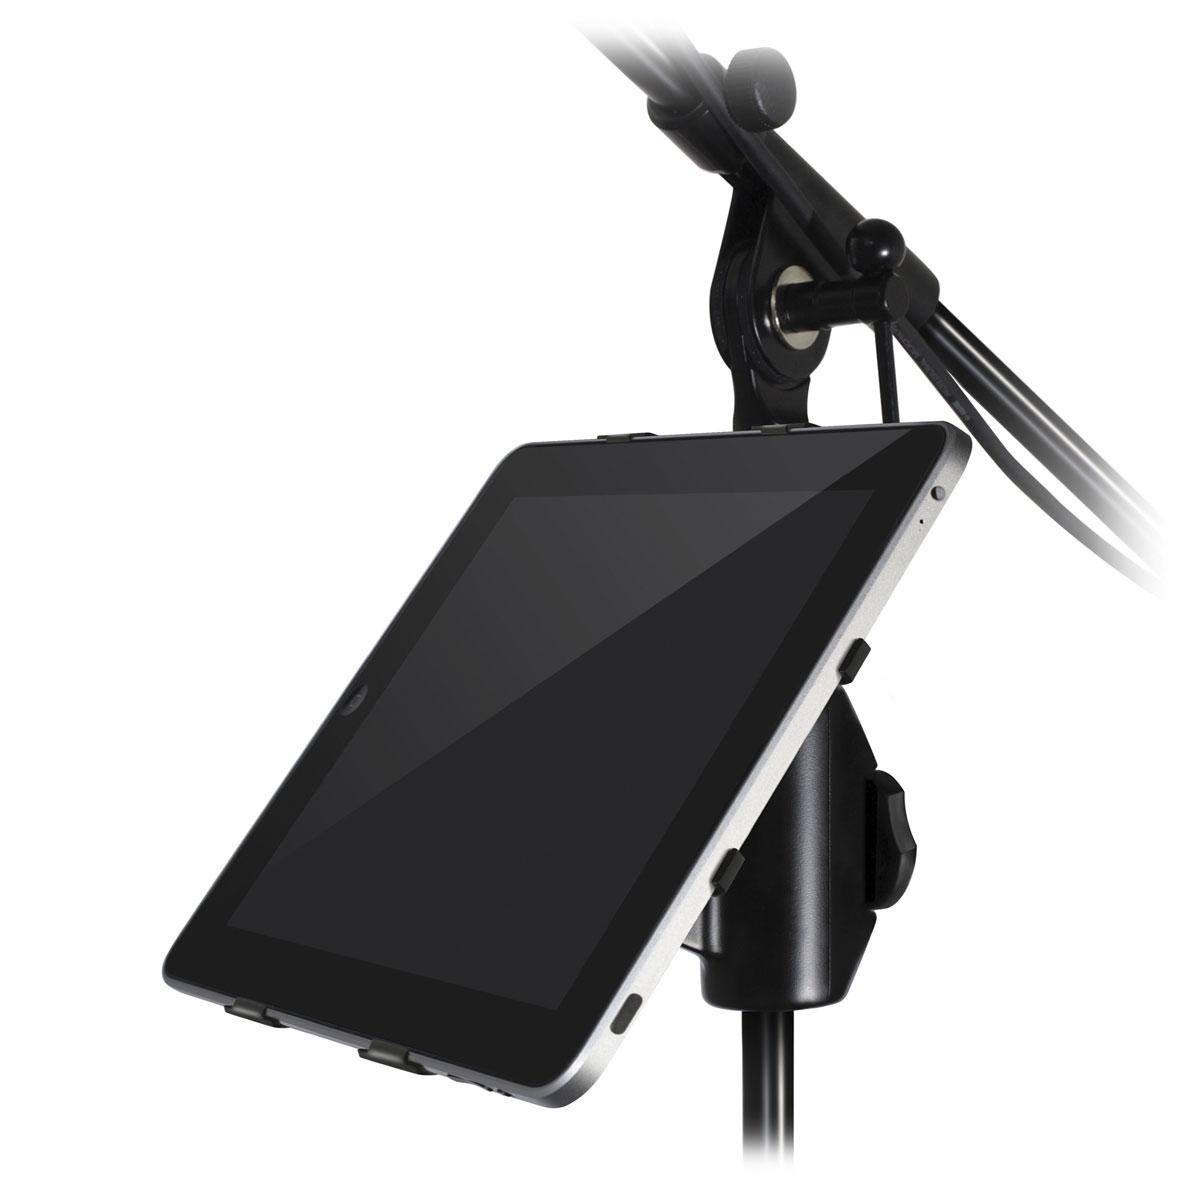 ik multimedia iklip accessoires divers tablette ik multimedia sur. Black Bedroom Furniture Sets. Home Design Ideas